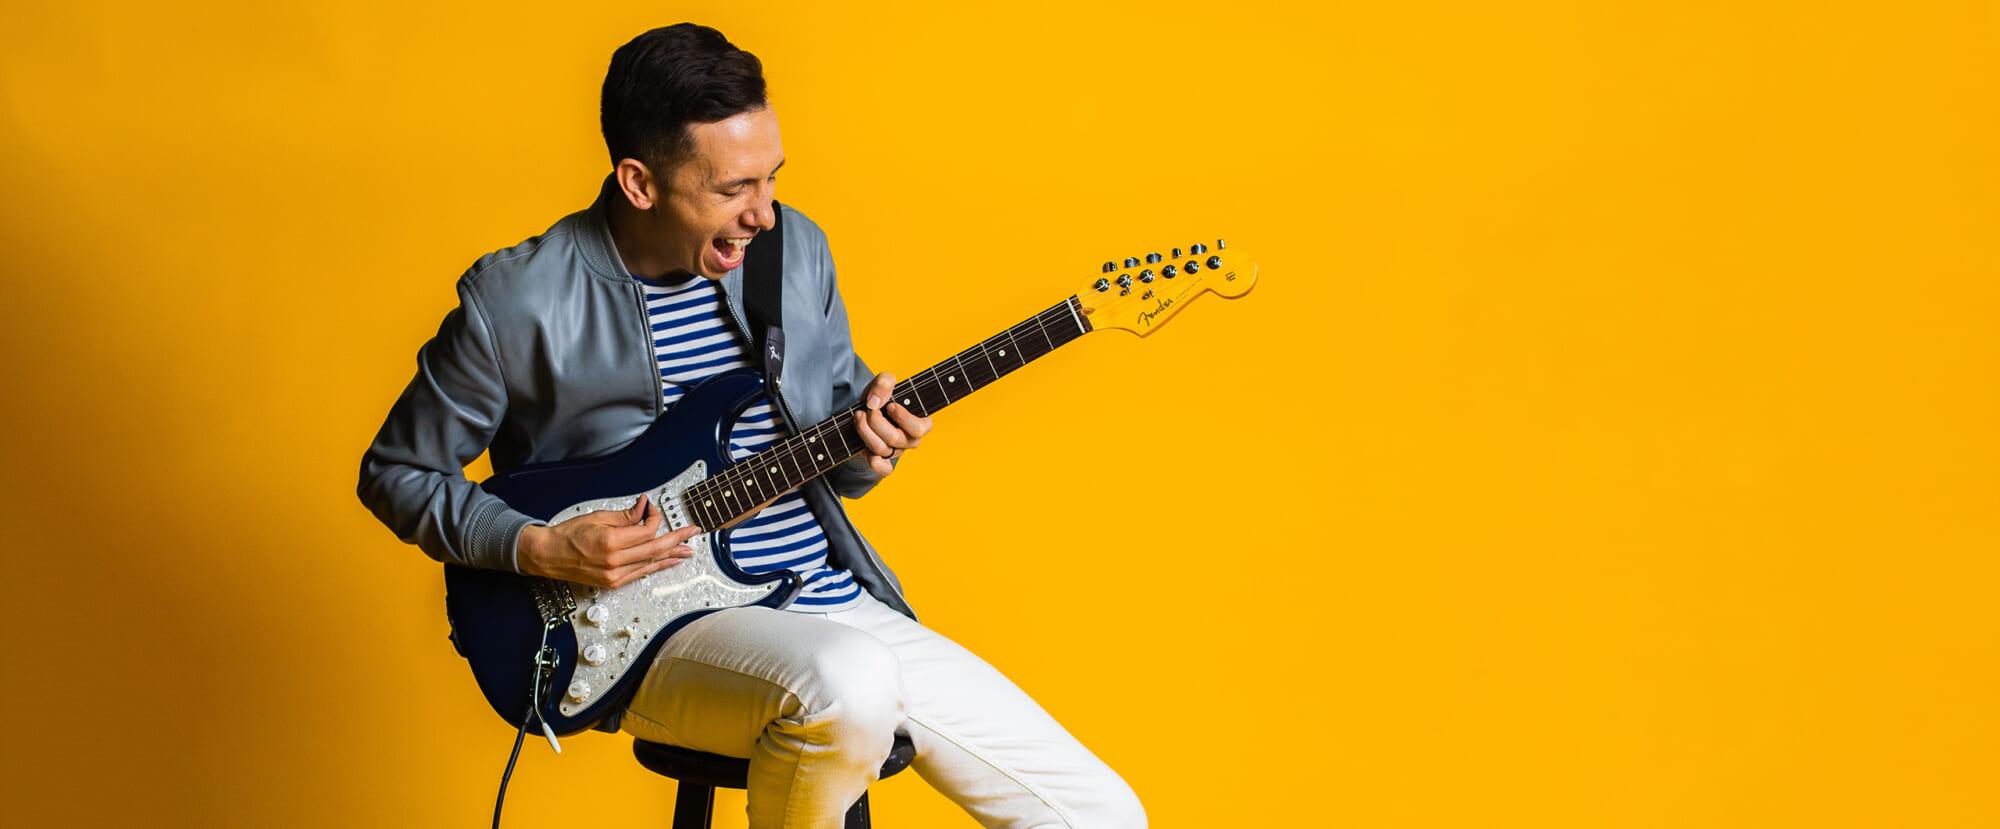 Interview コリー・ウォン世界最高のリズム・ギタリストが理想とするストラトキャスター!